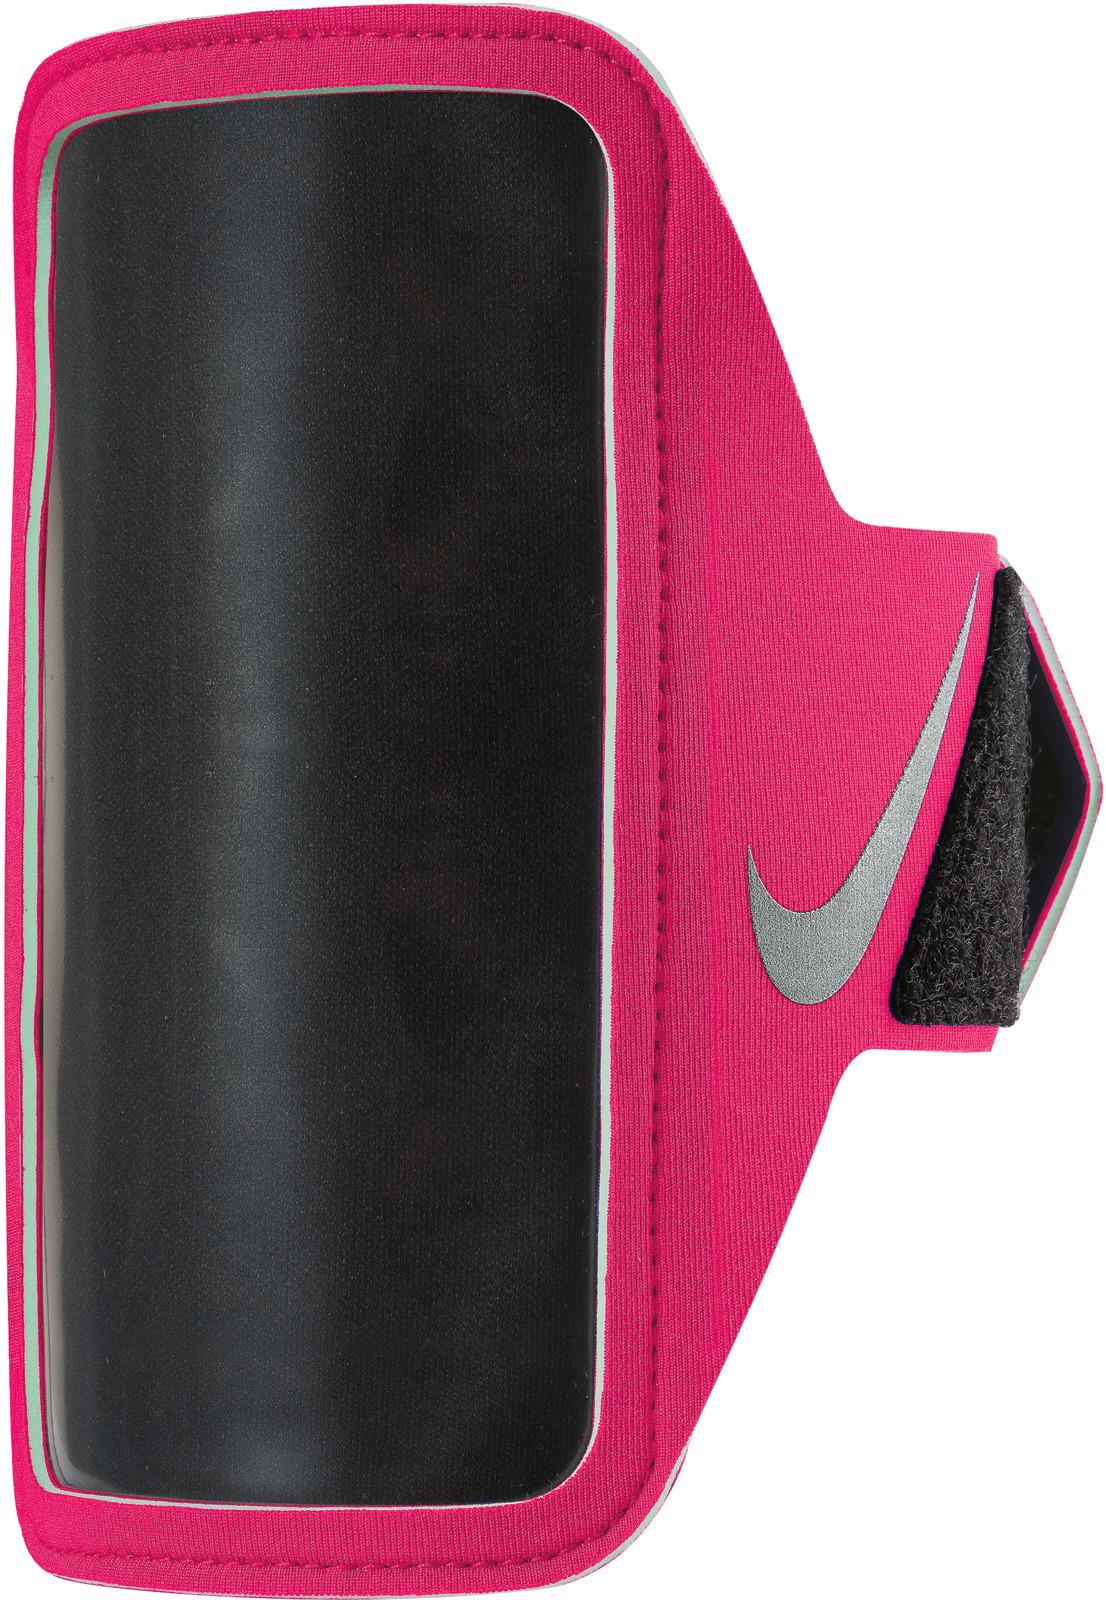 Чехол для телефона на руку Nike, цвет: розовый, серебряный. N.RN.65.673.OS